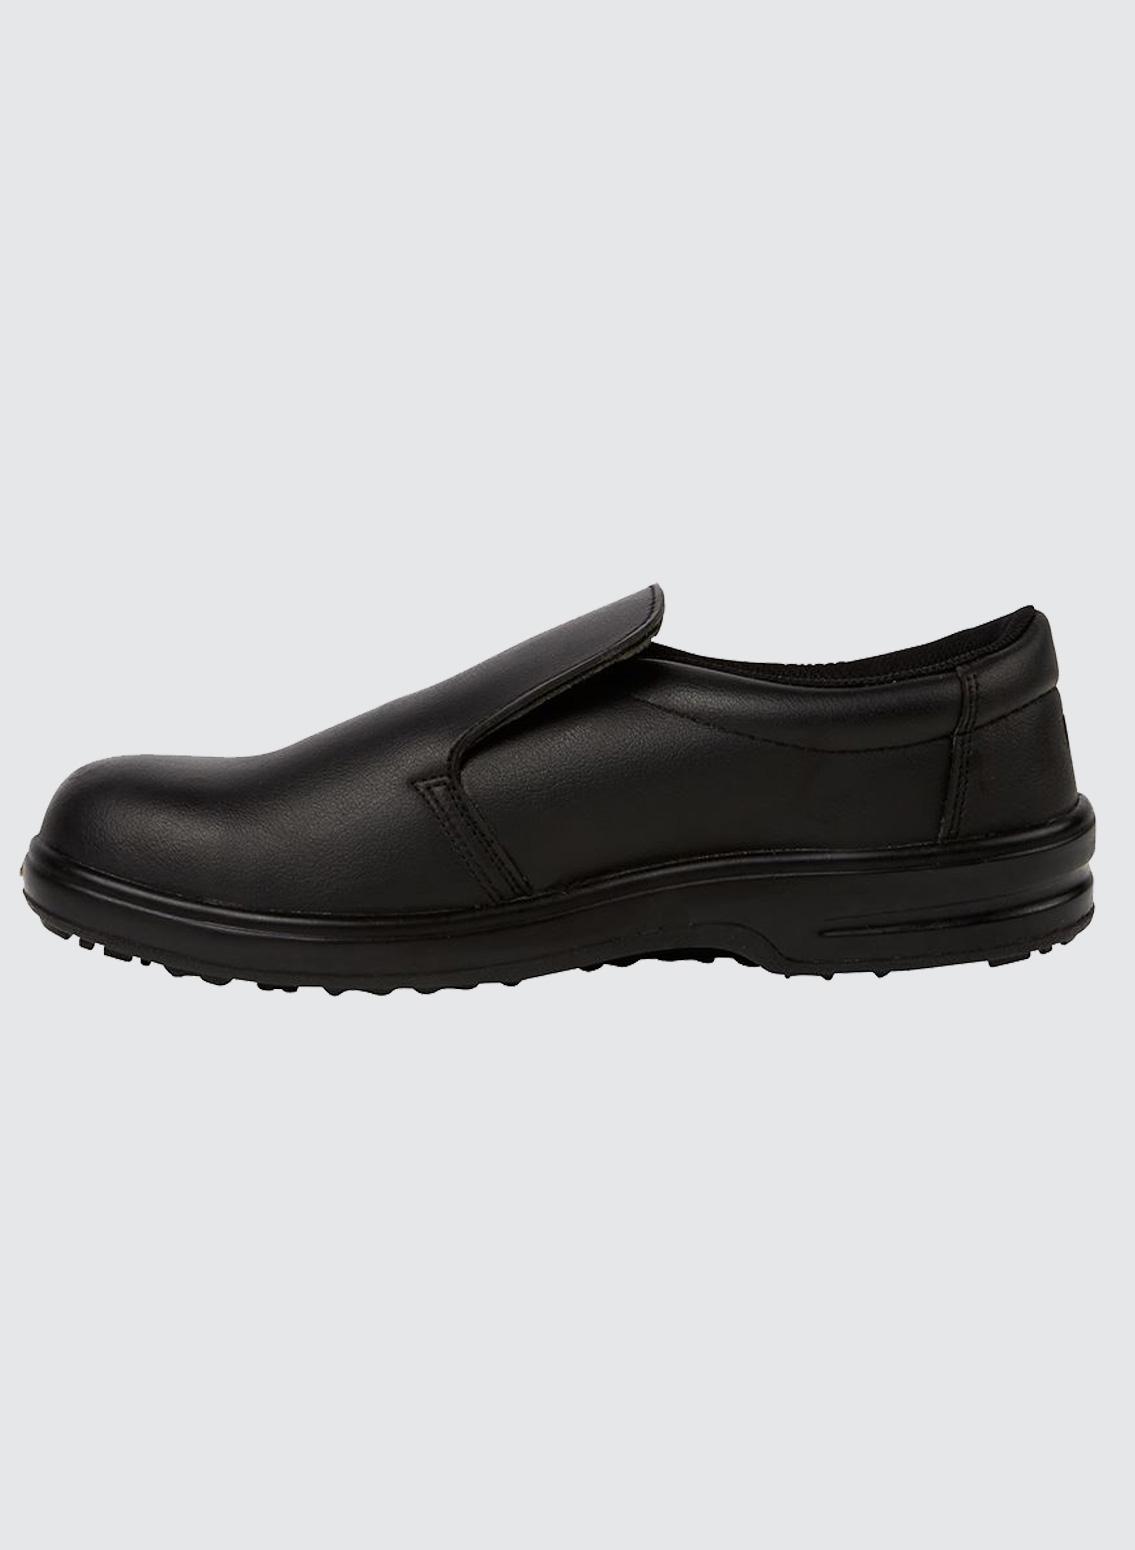 9c2 Microfibre Shoe Business Image Group